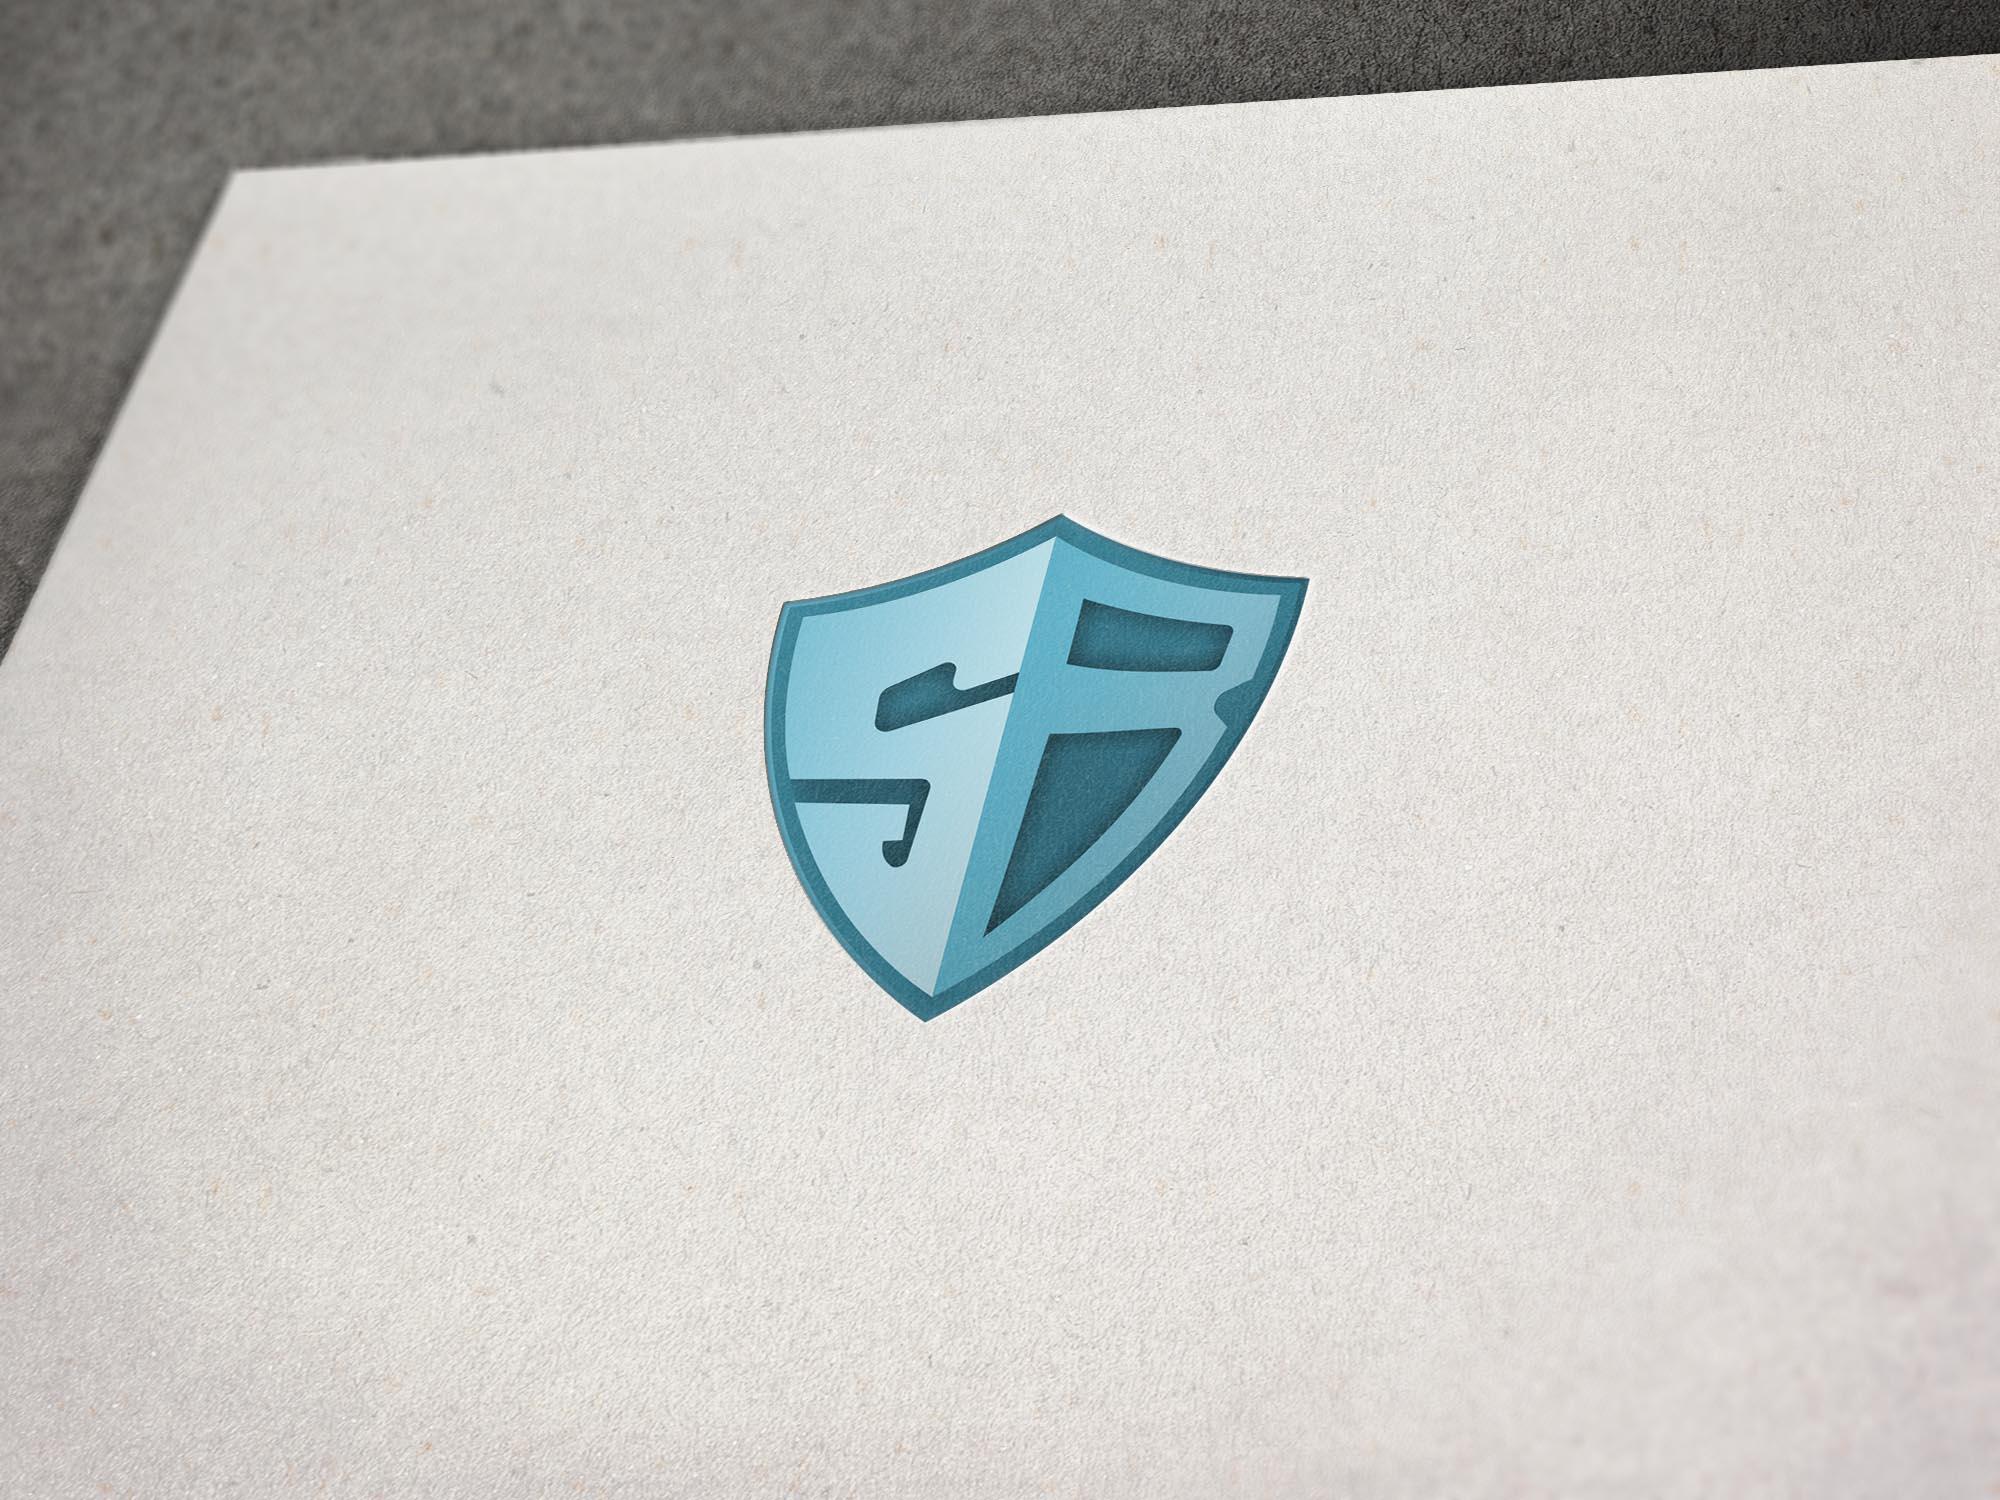 Логотип + Визитка Портала безопасных сделок фото f_789535ee8d664c33.jpg